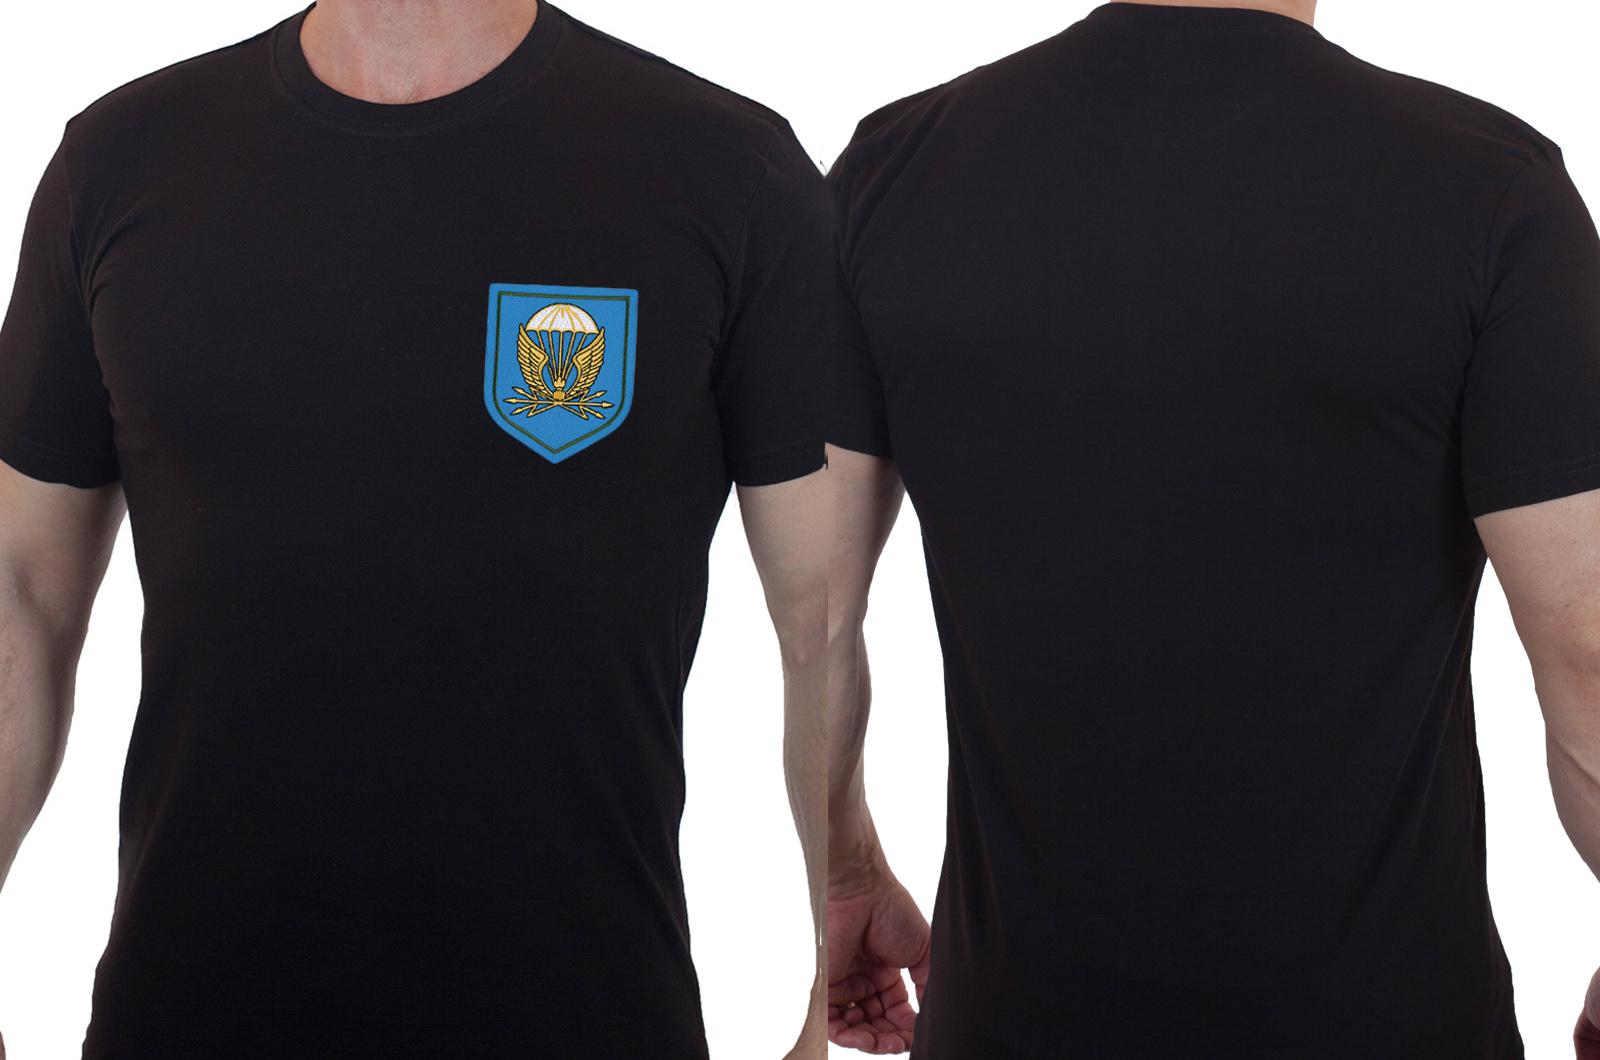 Стильная милитари футболка с вышитым шевроном 38 отдельный полк связи ВДВ - купить по привлекательной цене